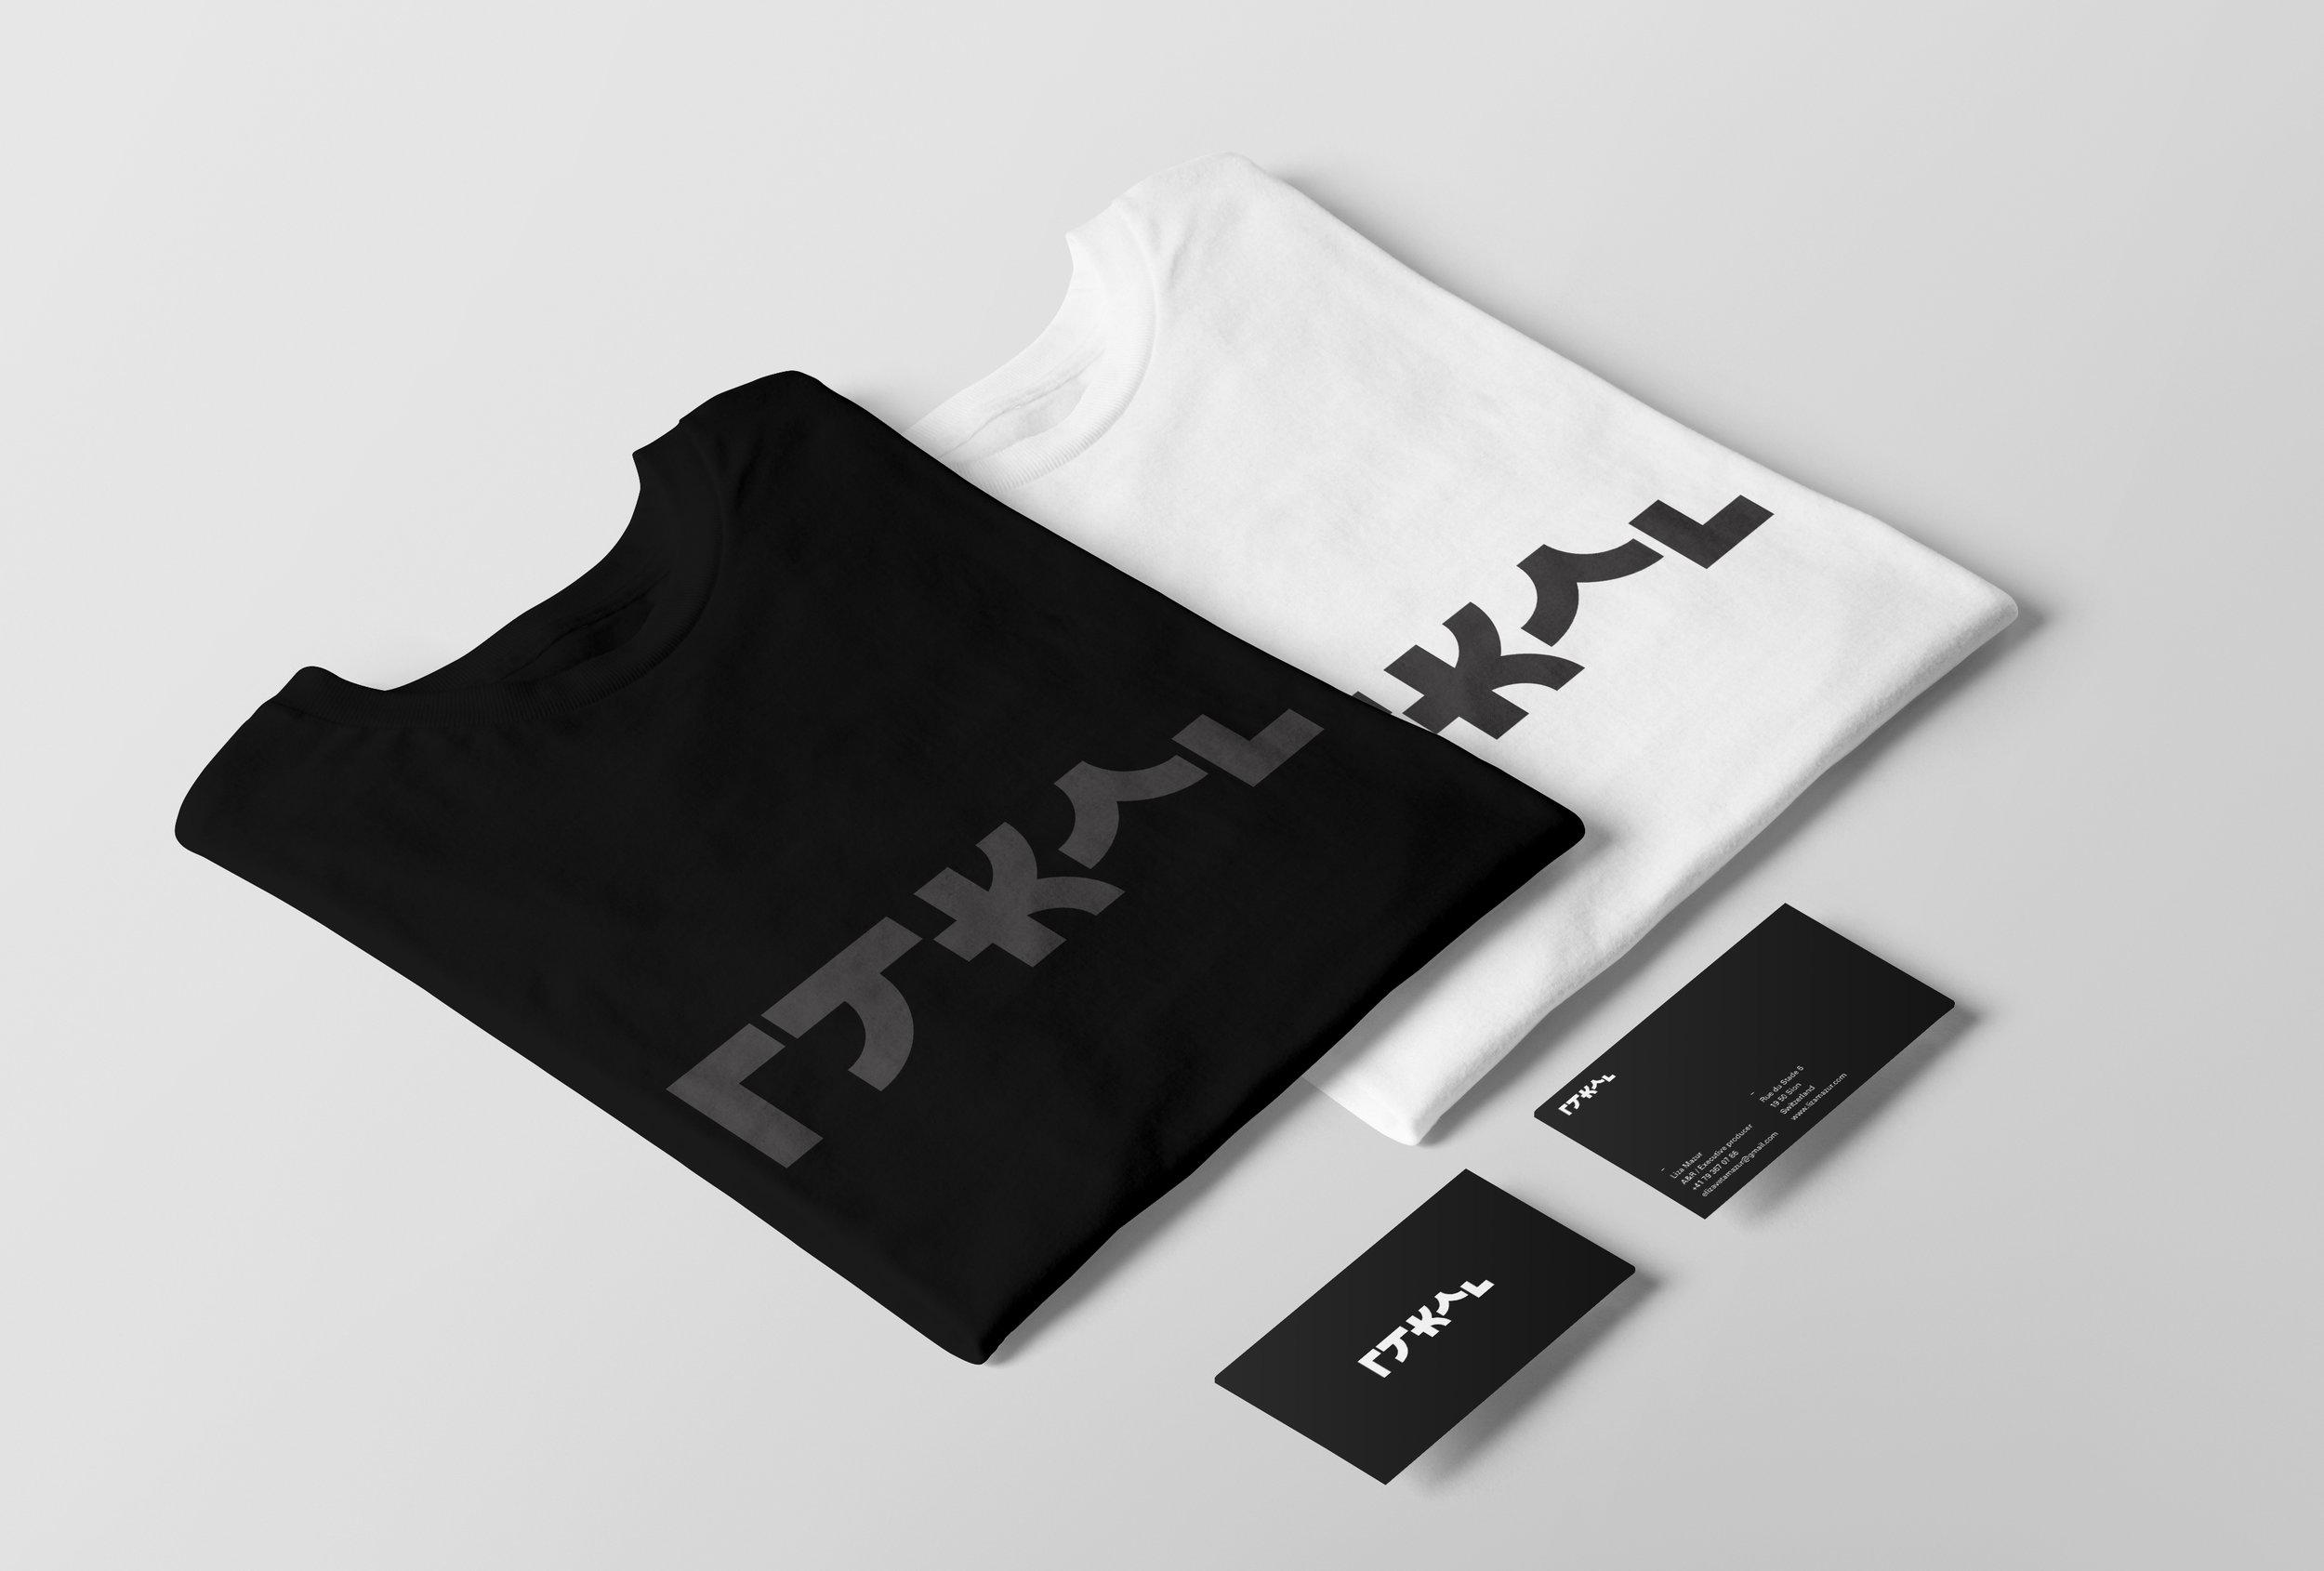 05 Clothing and T-Shirt Mockup3.jpg